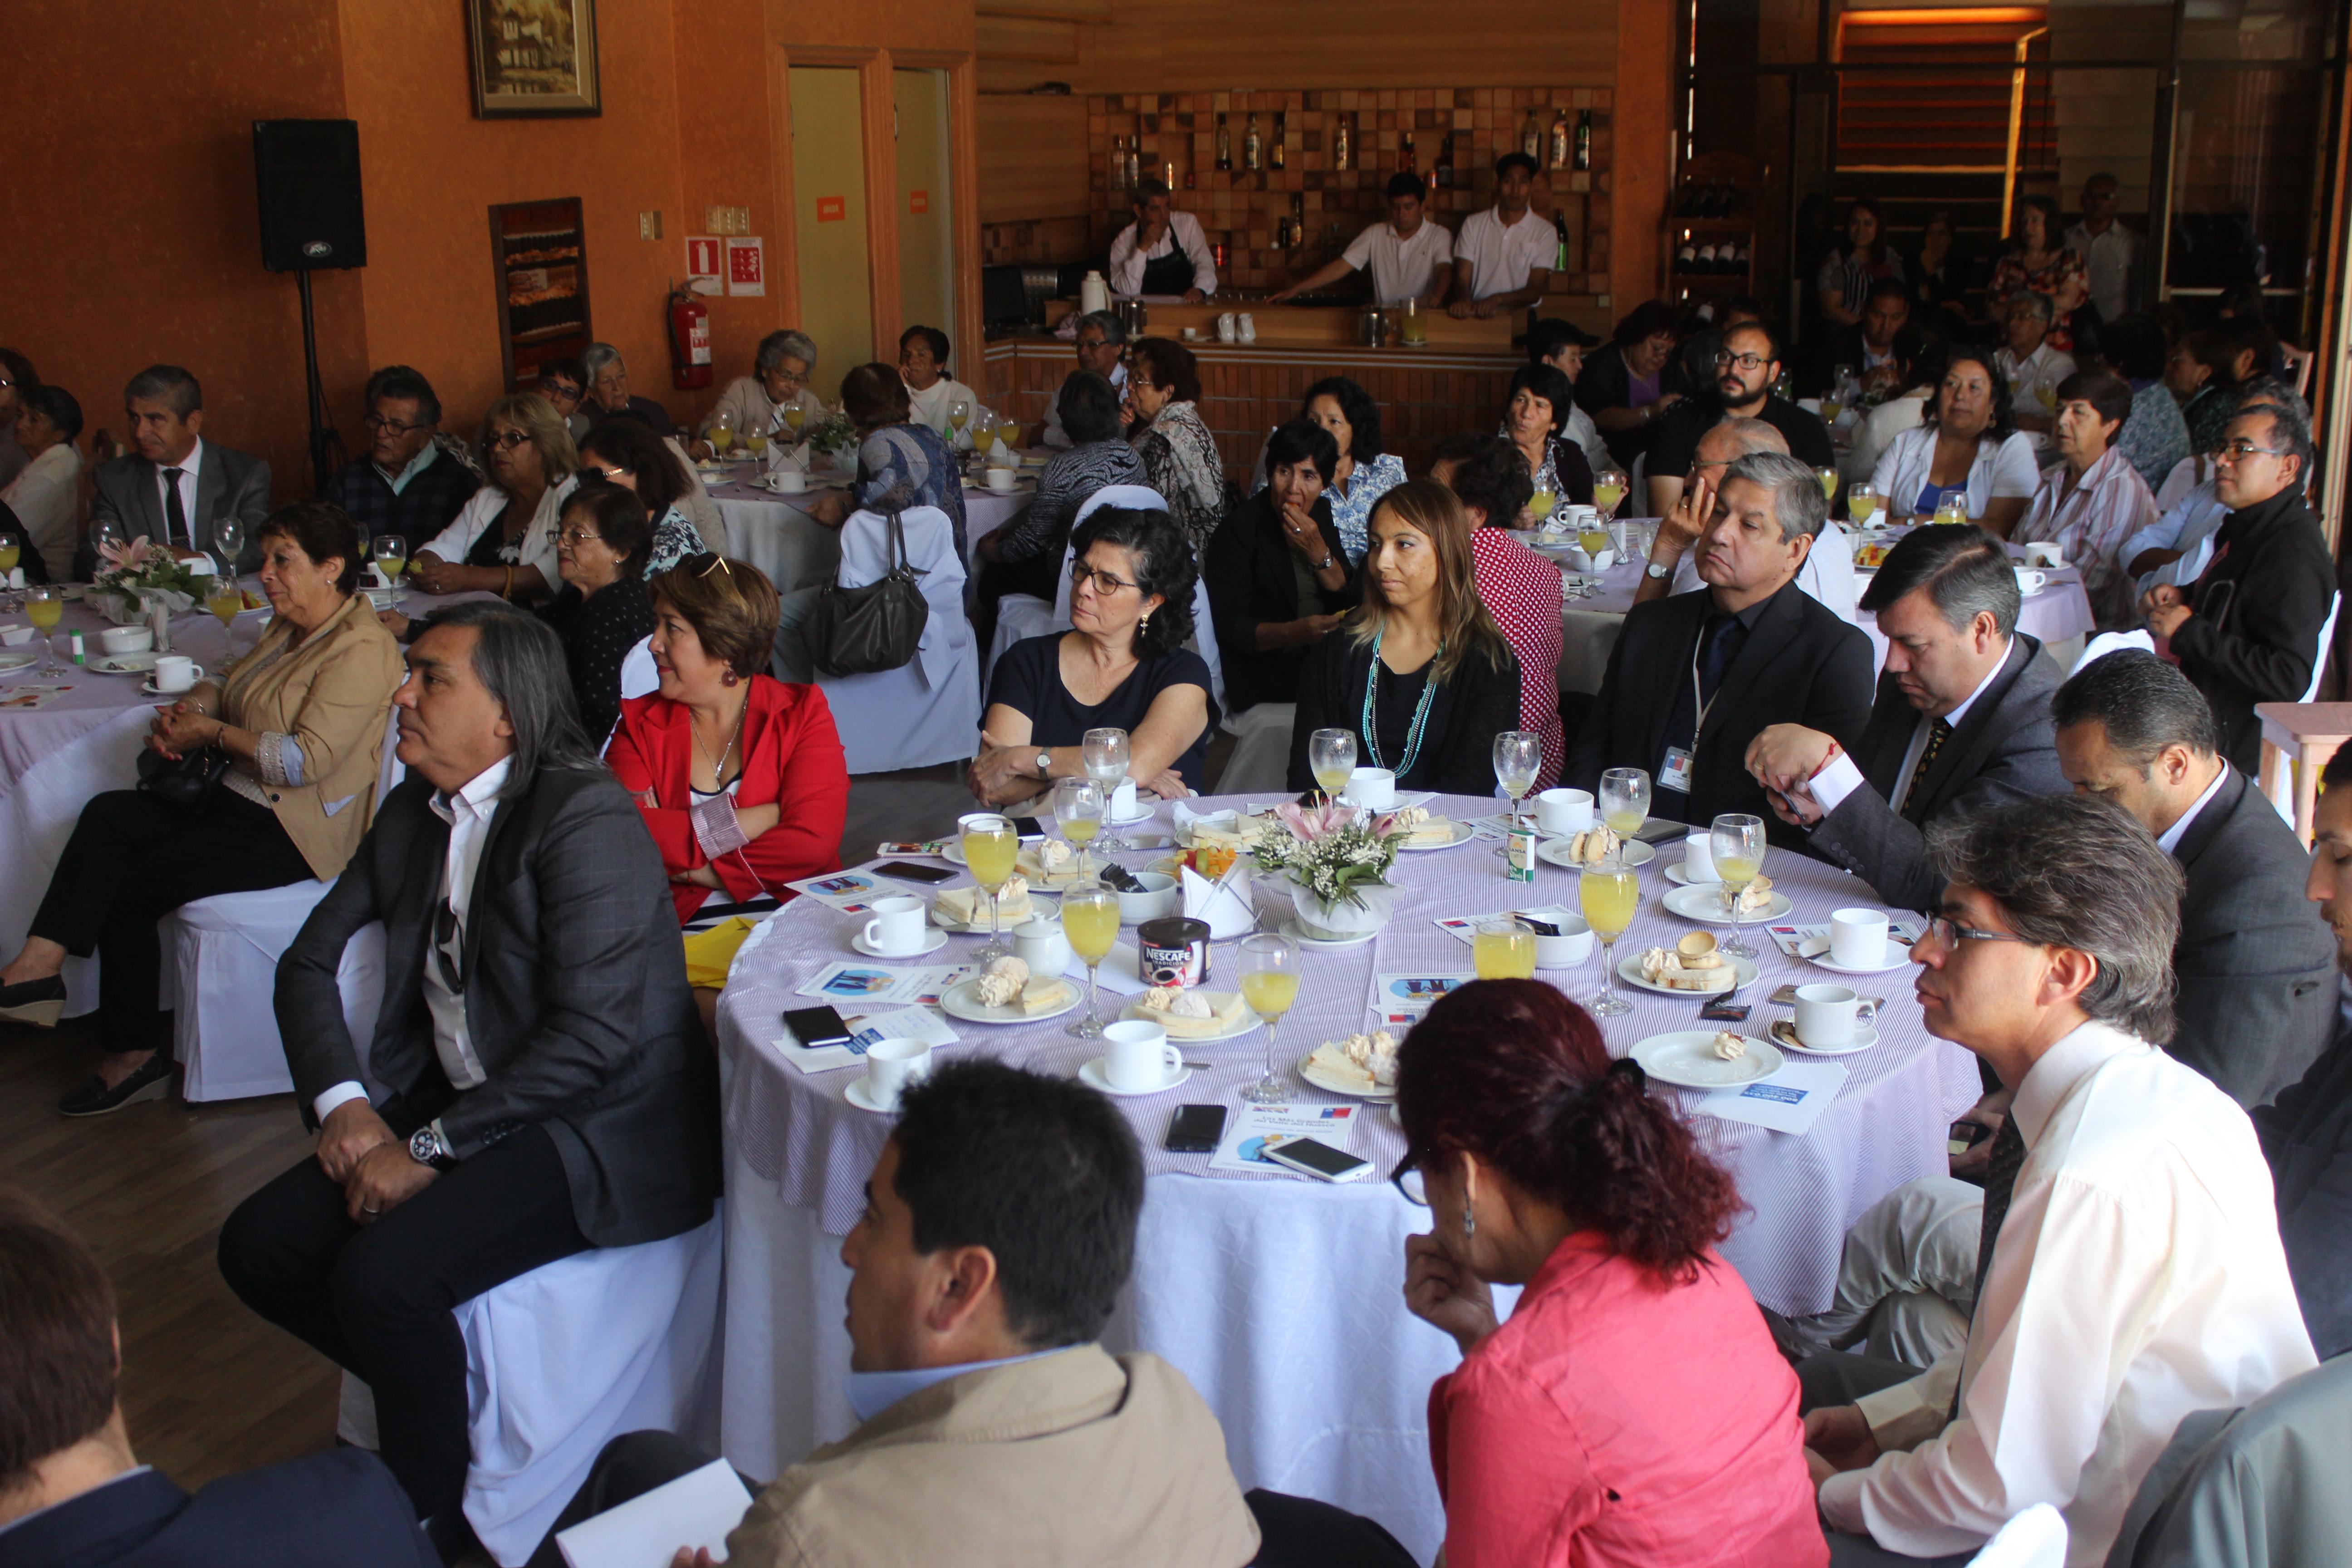 Gobierno identificó situación geográfica y social de adultos mayores en la Provincia del Huasco y comenzará trabajos focalizados